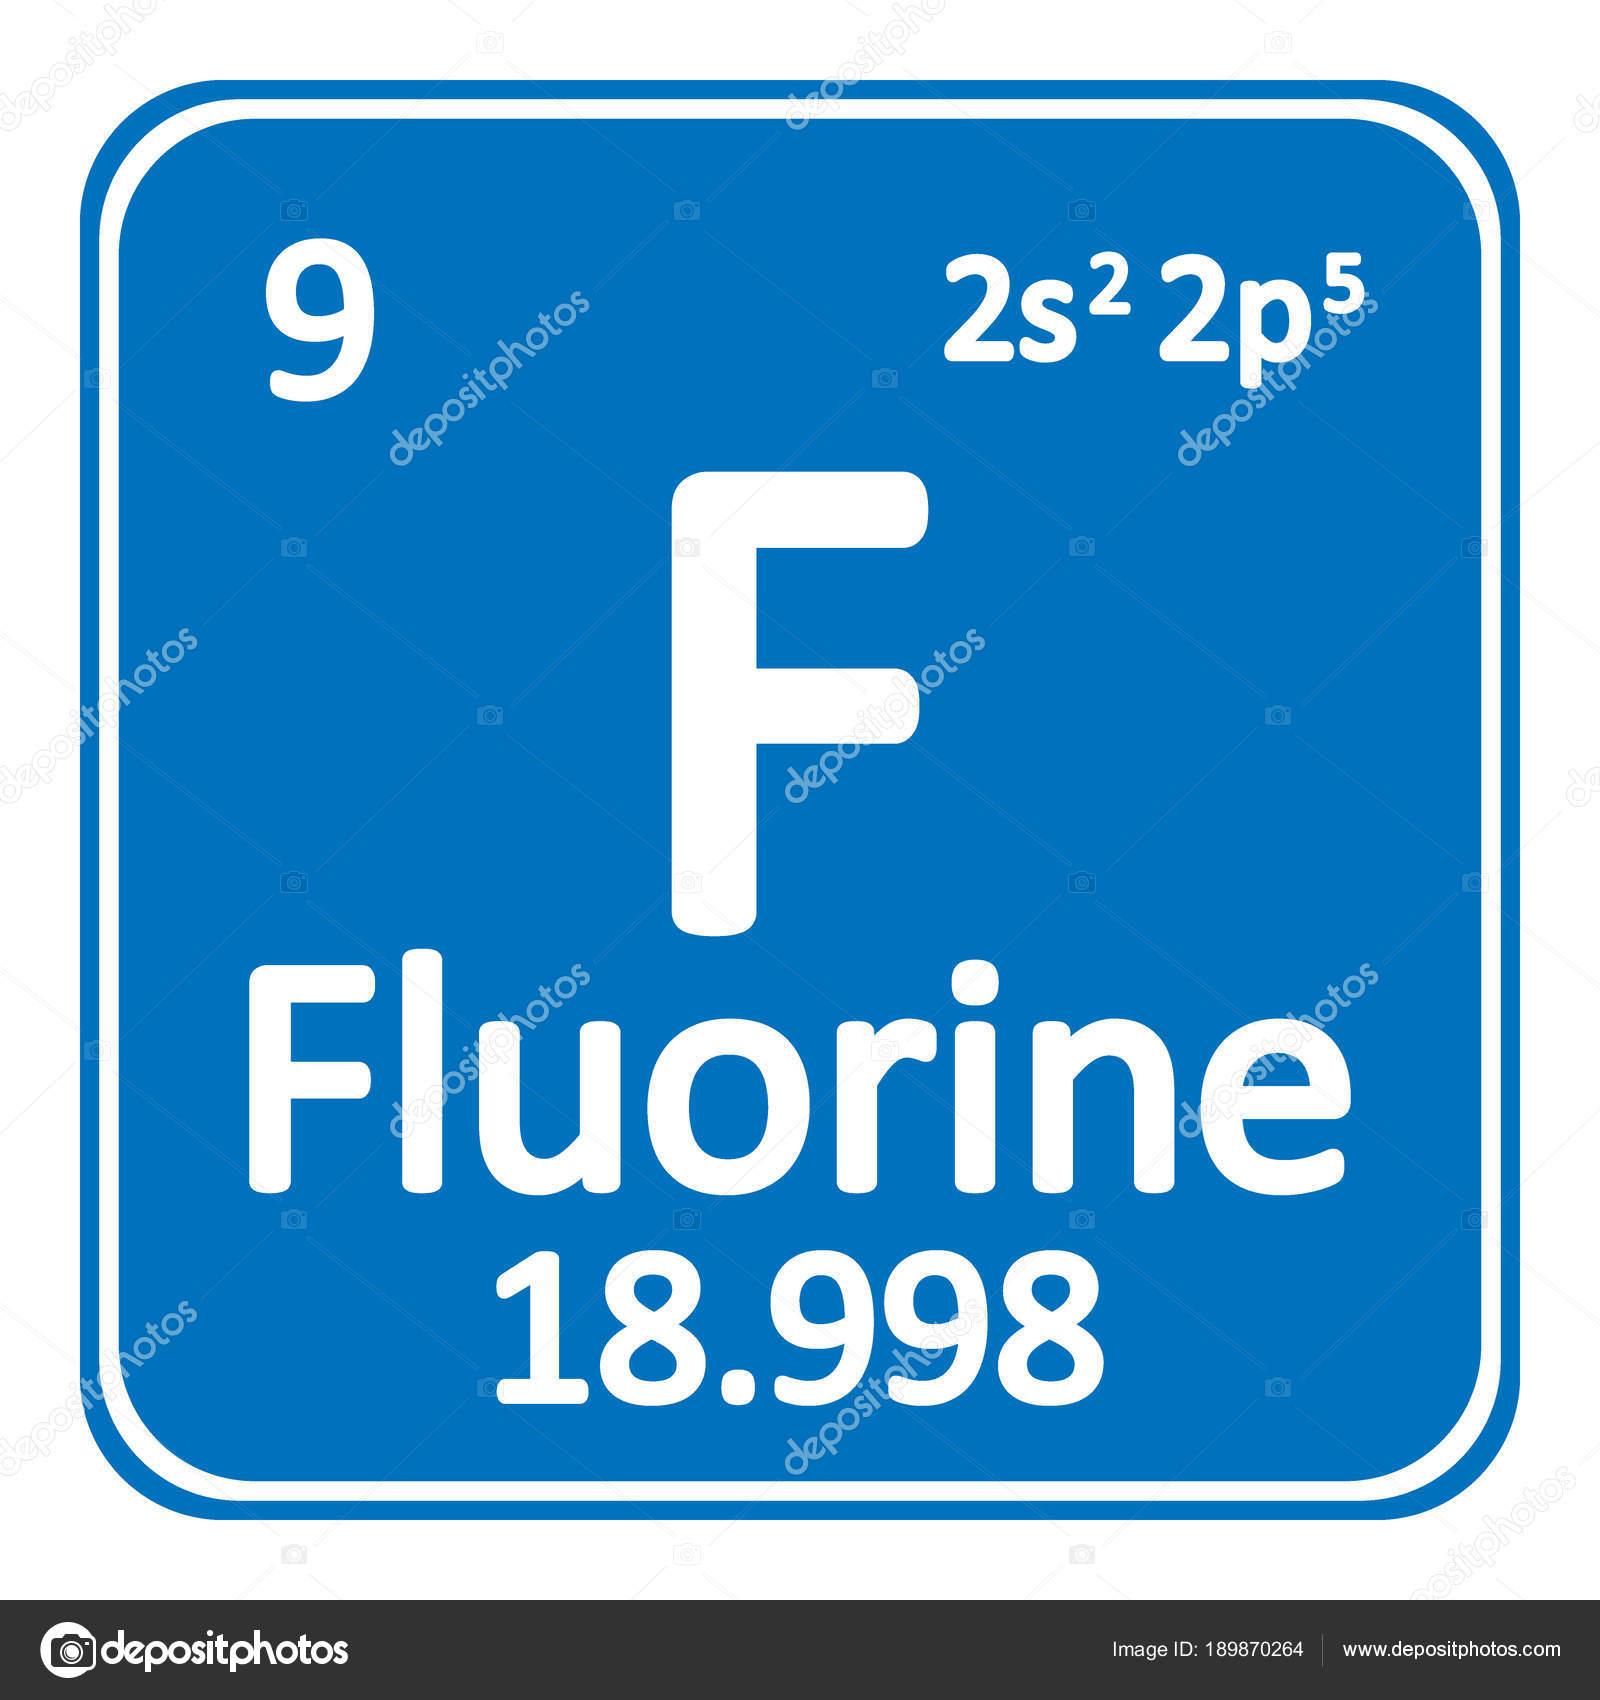 Icono de flor elemento tabla peridica archivo imgenes tabla periodica elemento flor el icono sobre fondo blanco ilustracin de vector vector de konstsem urtaz Choice Image